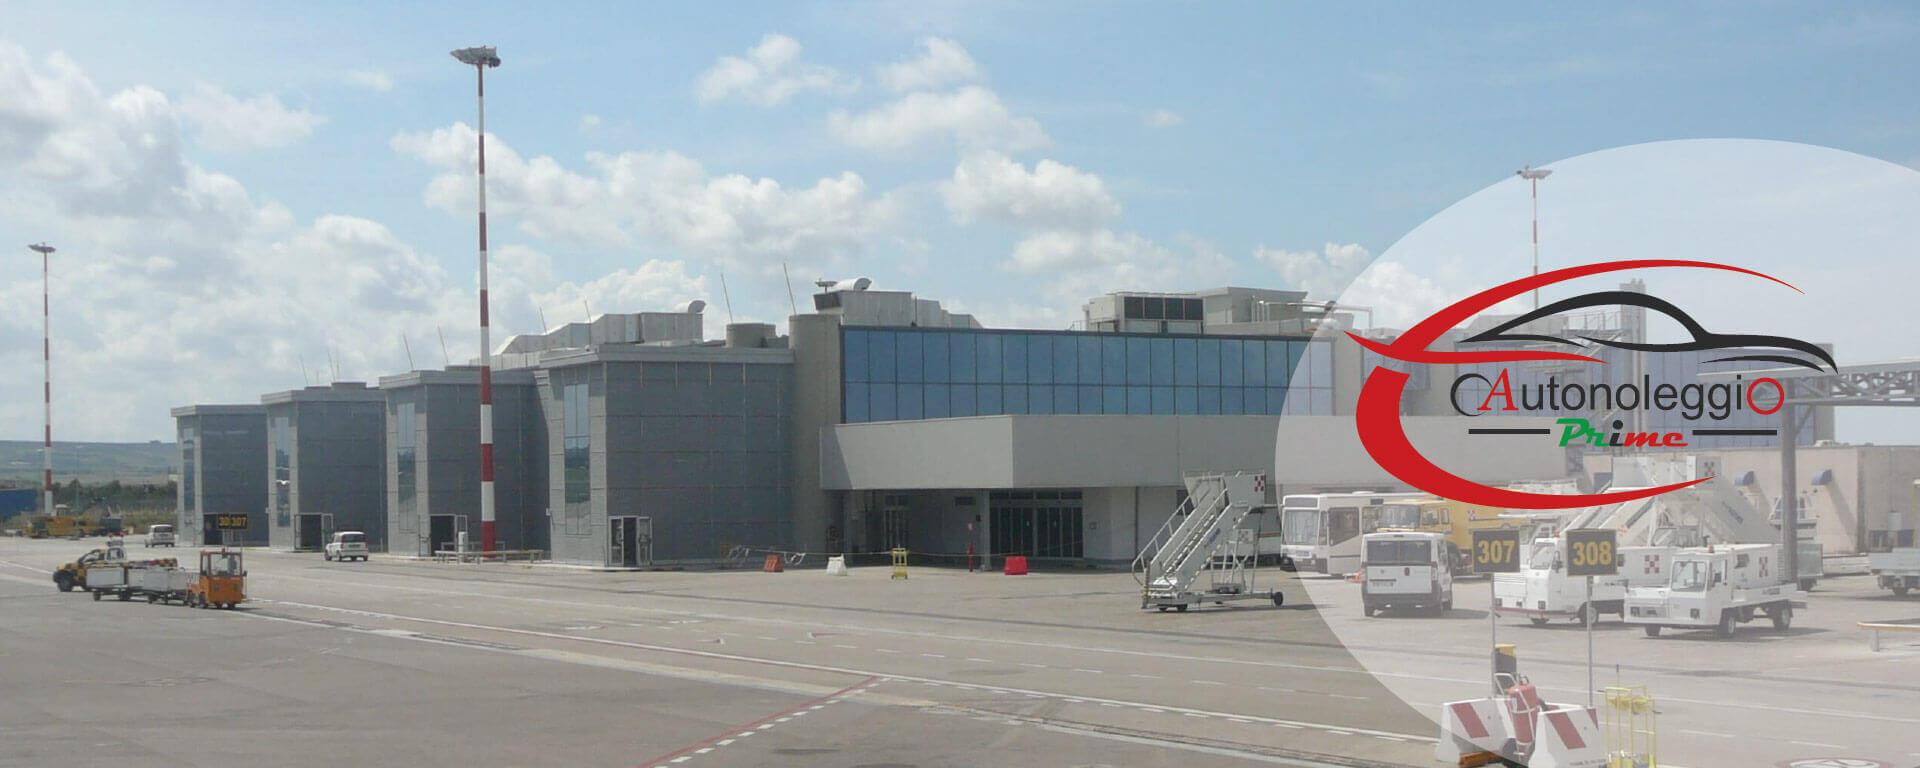 Aeroporto Vincenso Florio Trapani Birgi